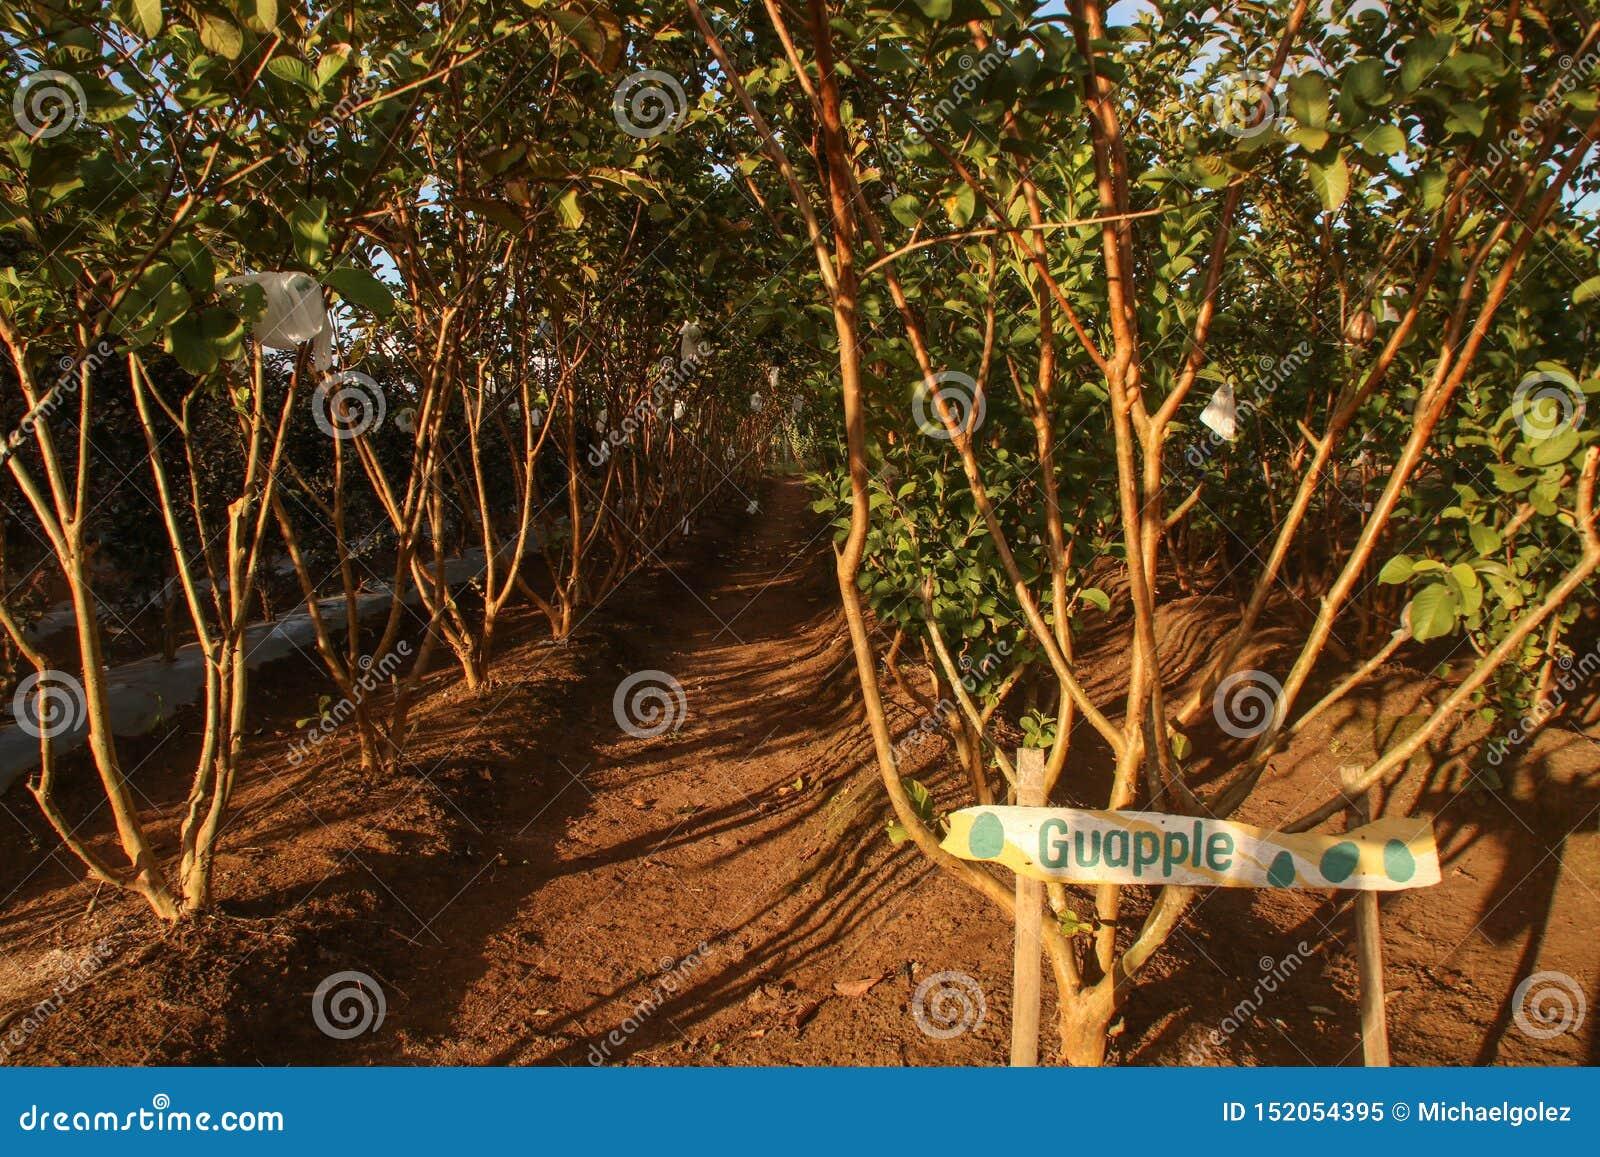 Árboles del guajava L del Psidium o guayaba de Apple y conocido popular como Bayabas en el filipino